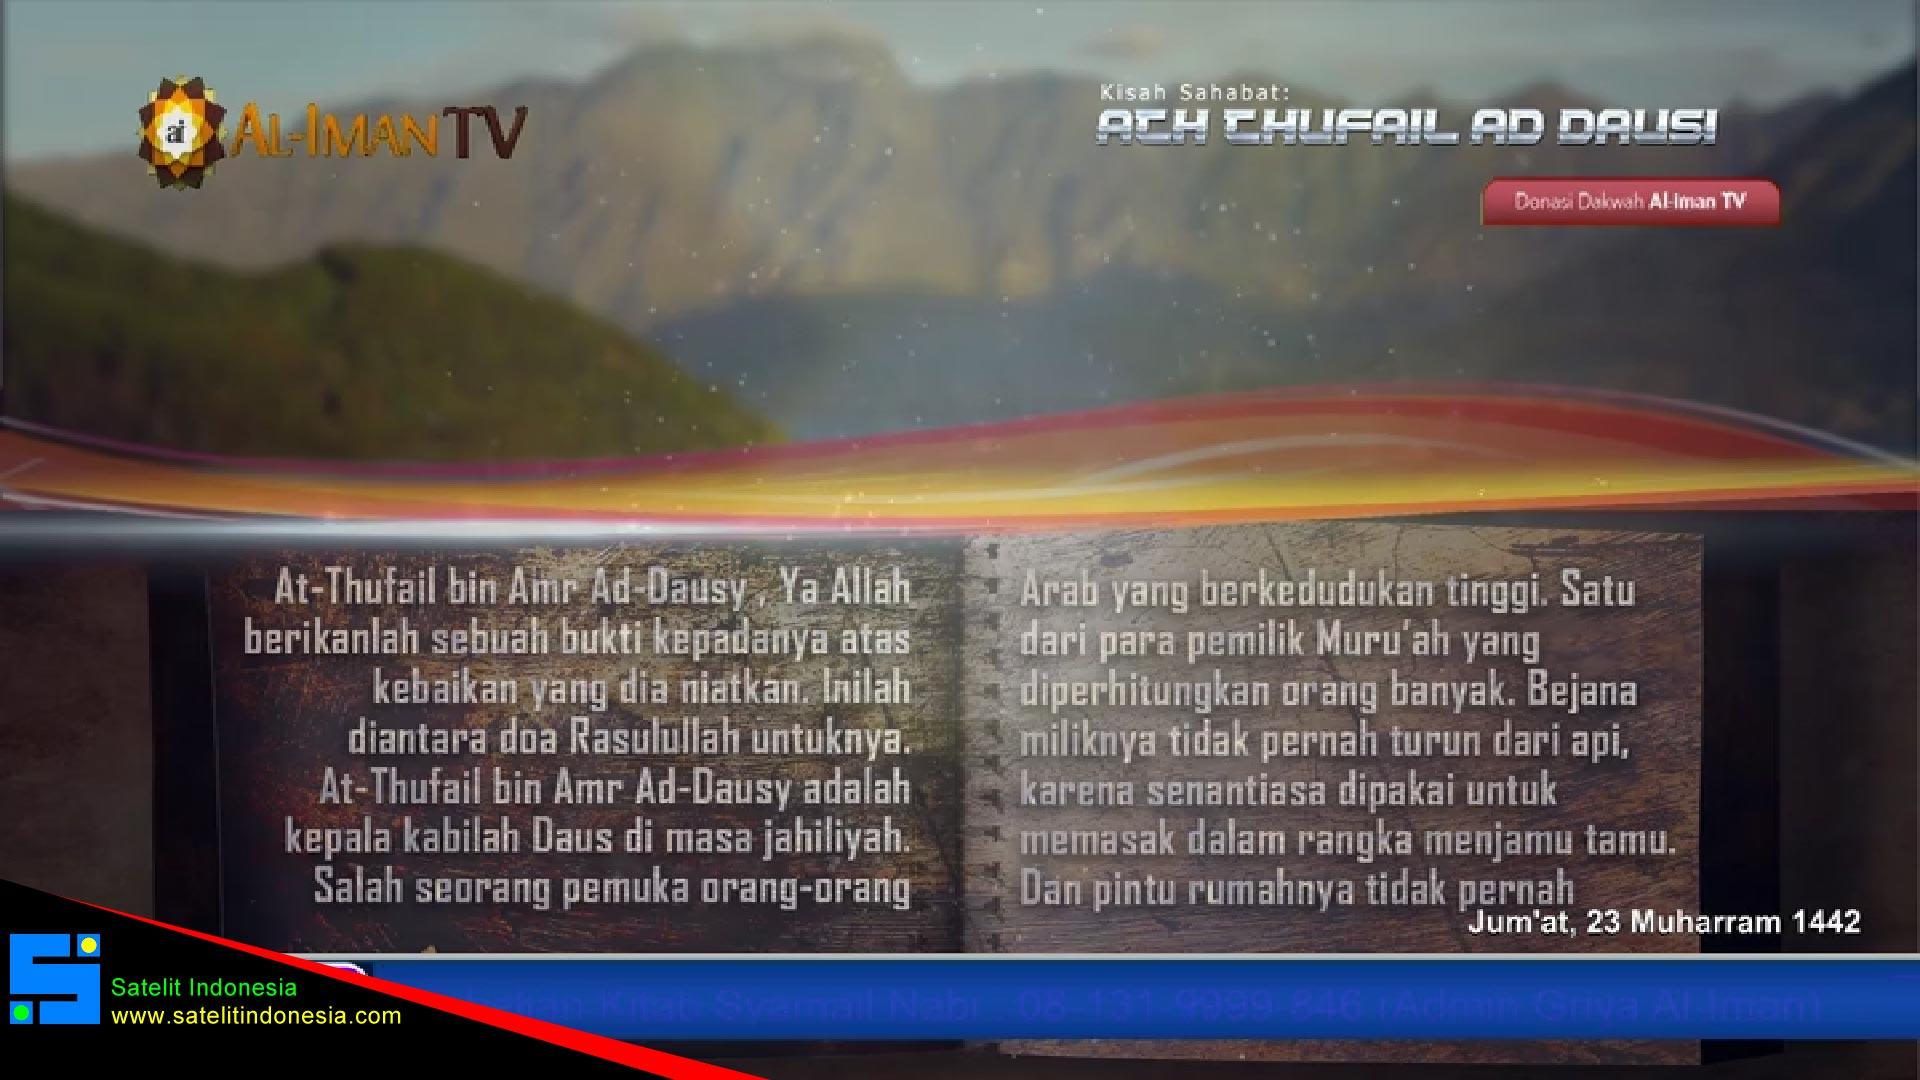 Frekuensi siaran Al-iman TV di satelit Telkom 4 Terbaru